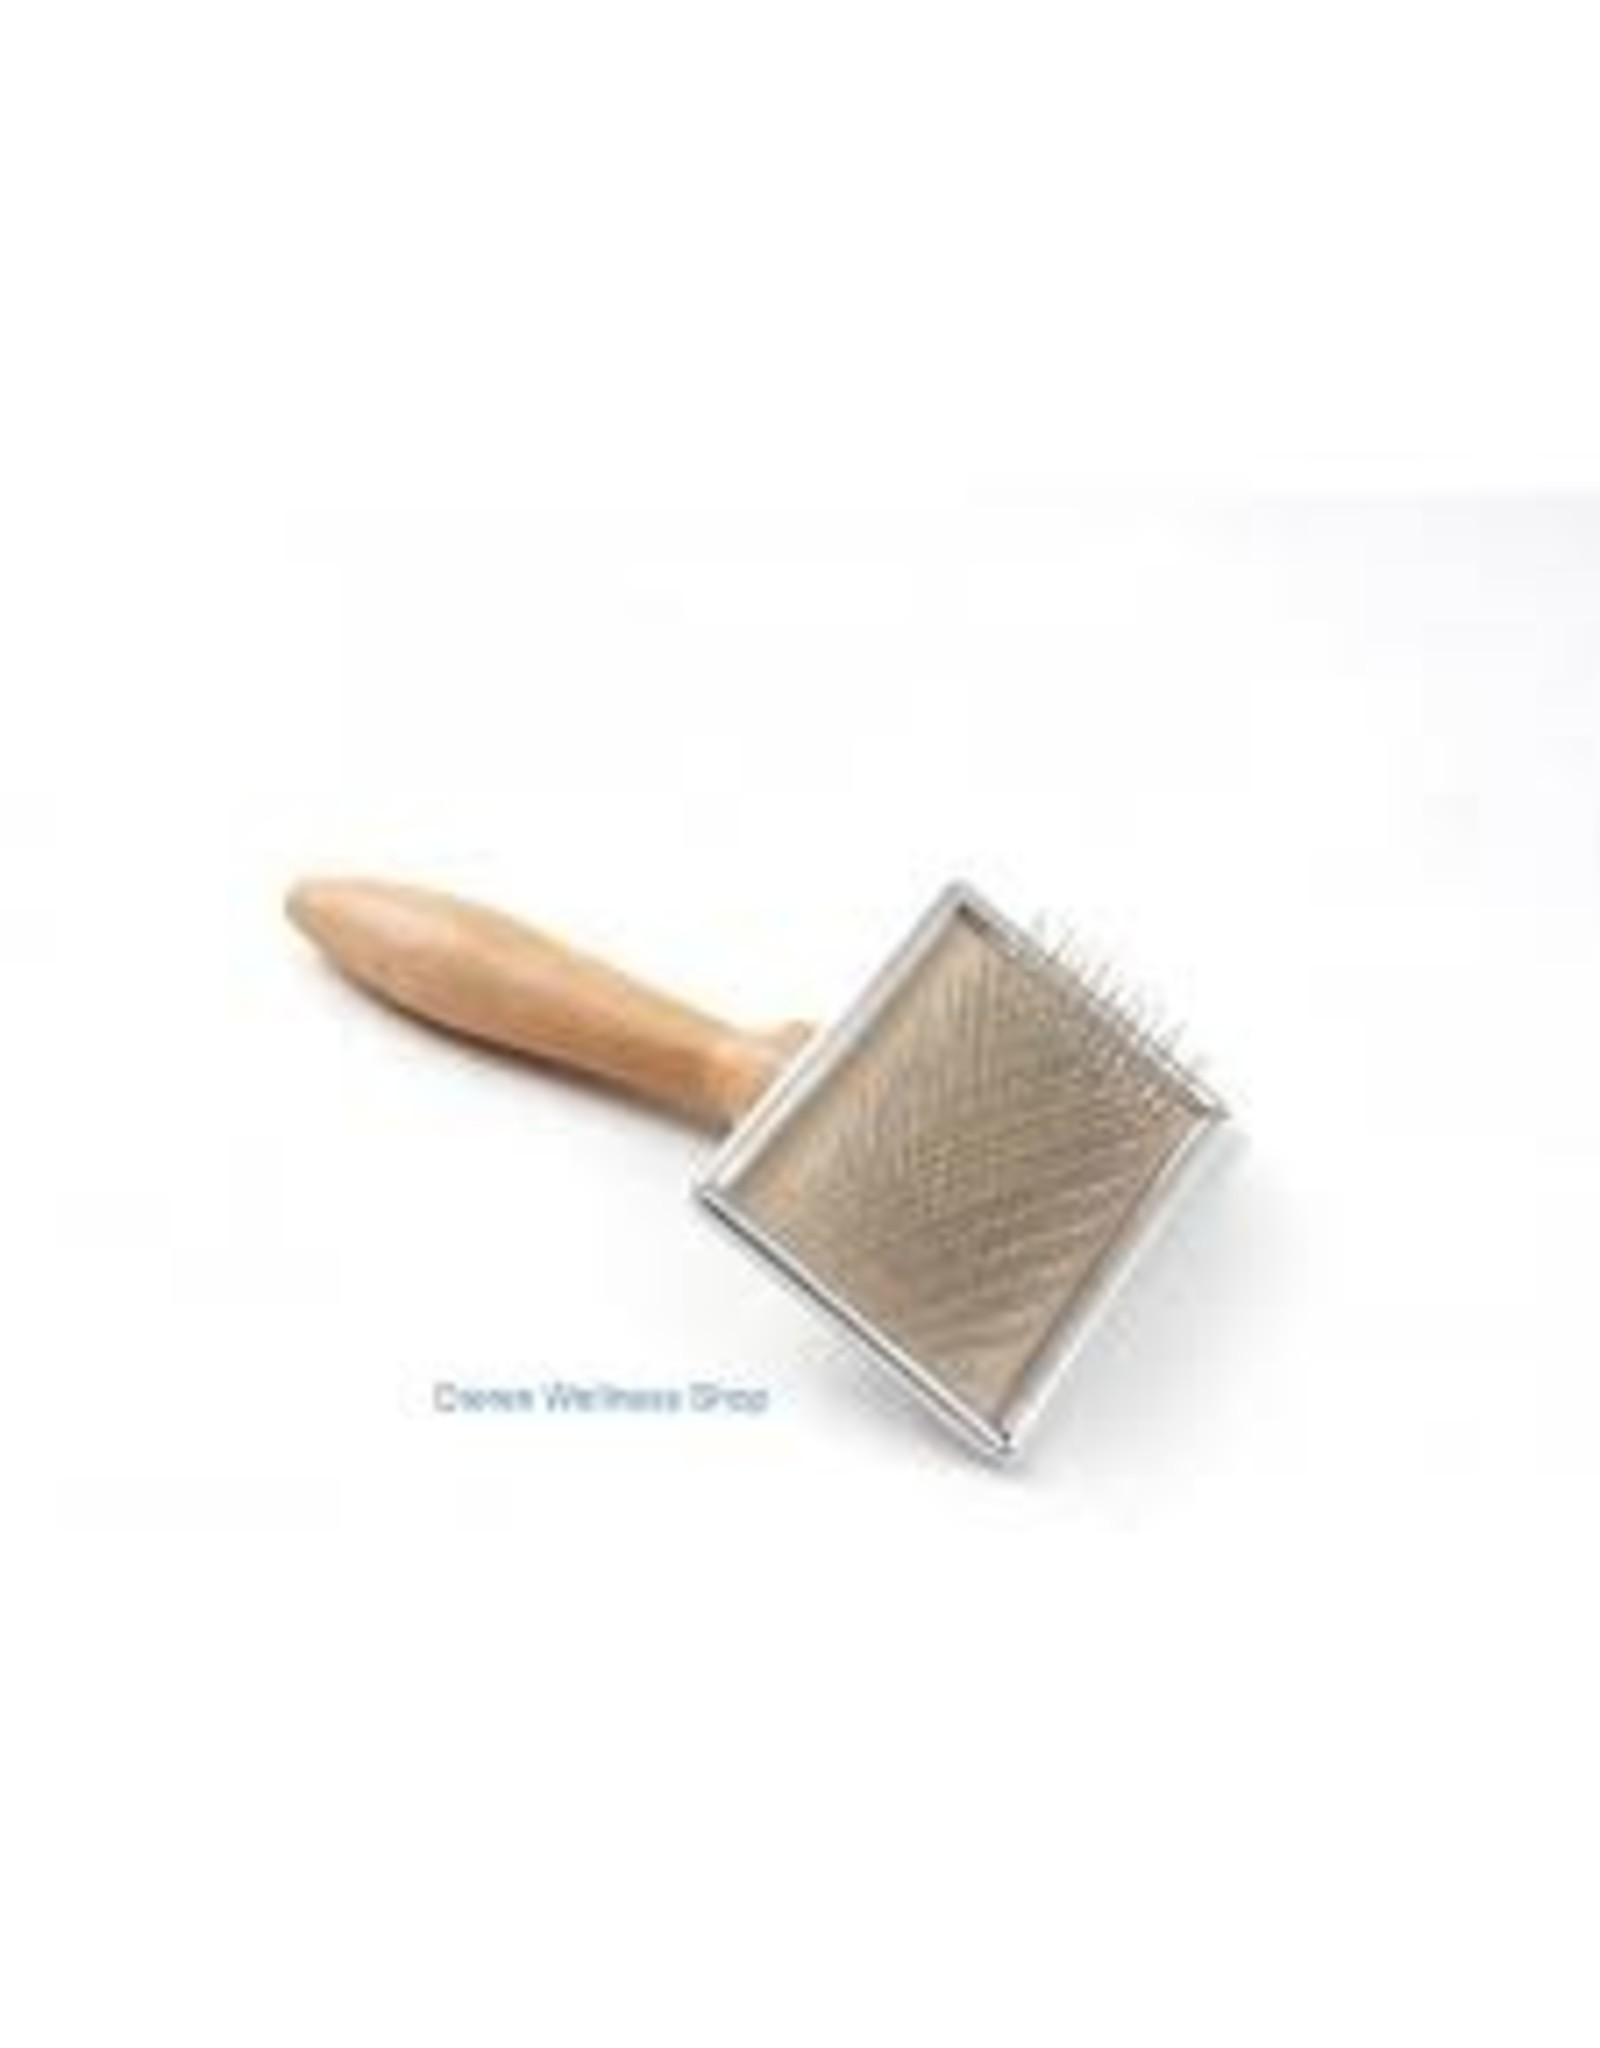 Lawrence Slicker brush tender care 100